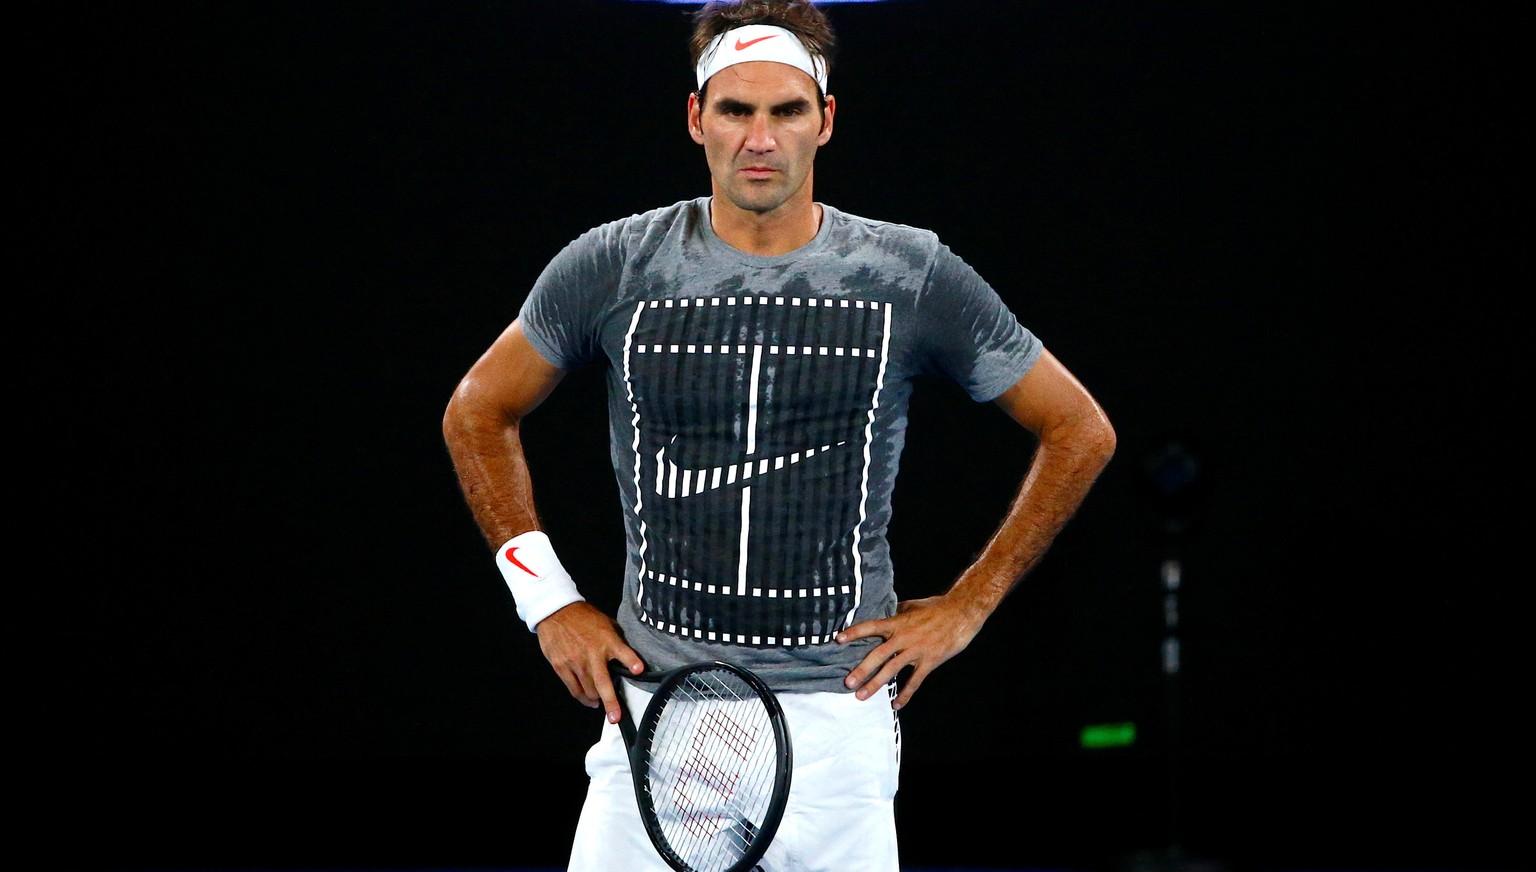 Australian Open Federer besiegt auch Berdych